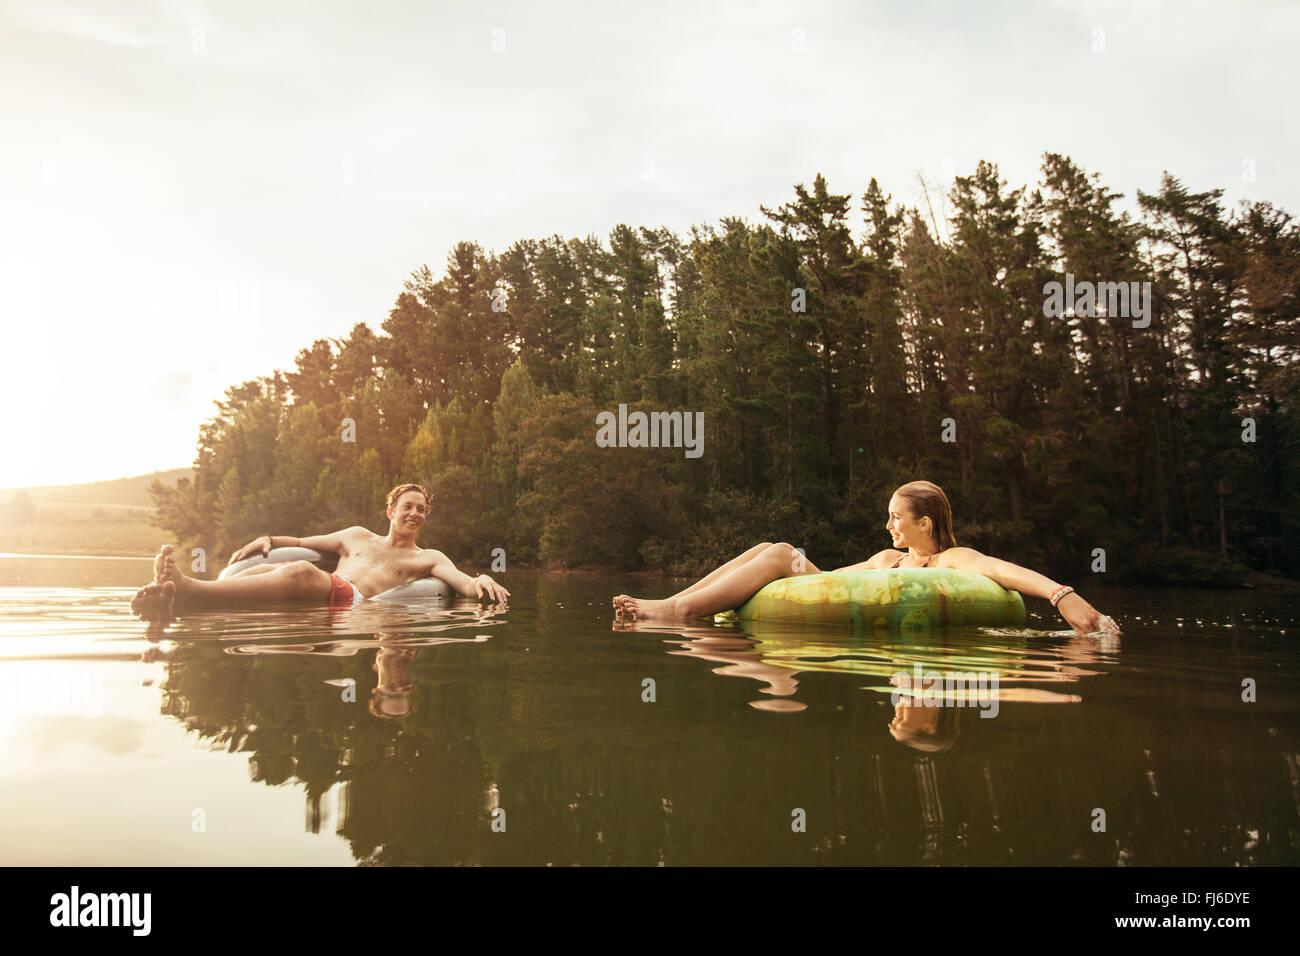 Porträt des jungen Paares im See auf aufblasbaren Ringen. Junges paar entspannende im Wasser an einem Sommertag. Stockbild